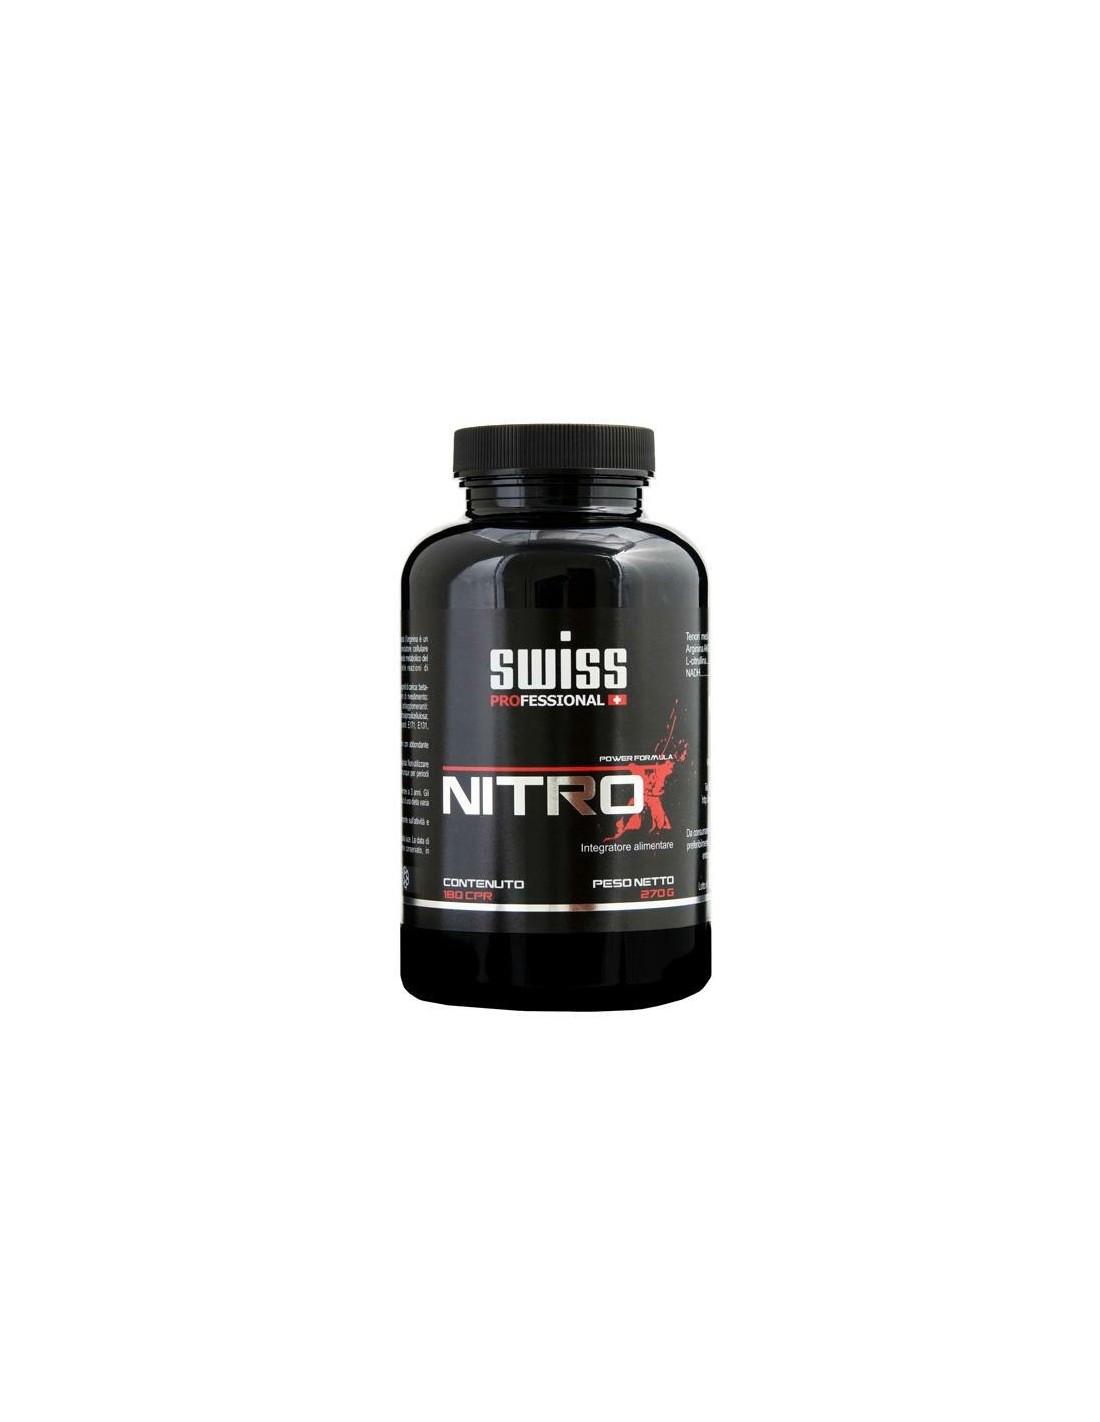 Nitro X 180 tbs